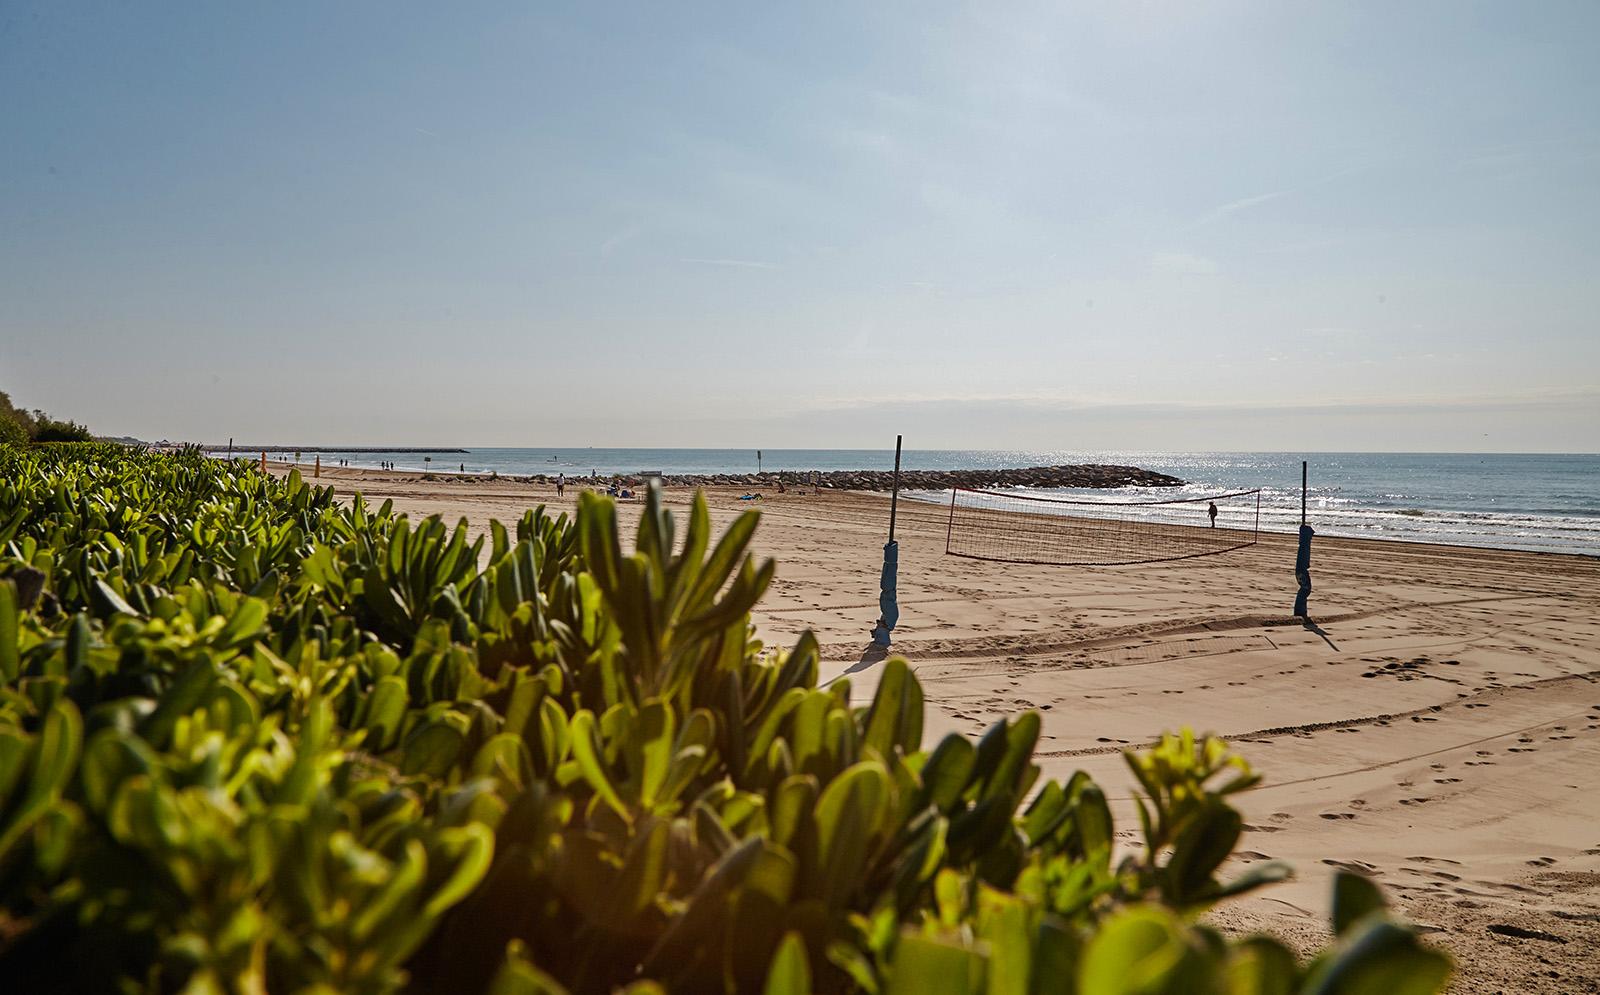 00-Volleyball-pallavolo-spiaggia-beach-sport-entertainment-Dei-Fiori